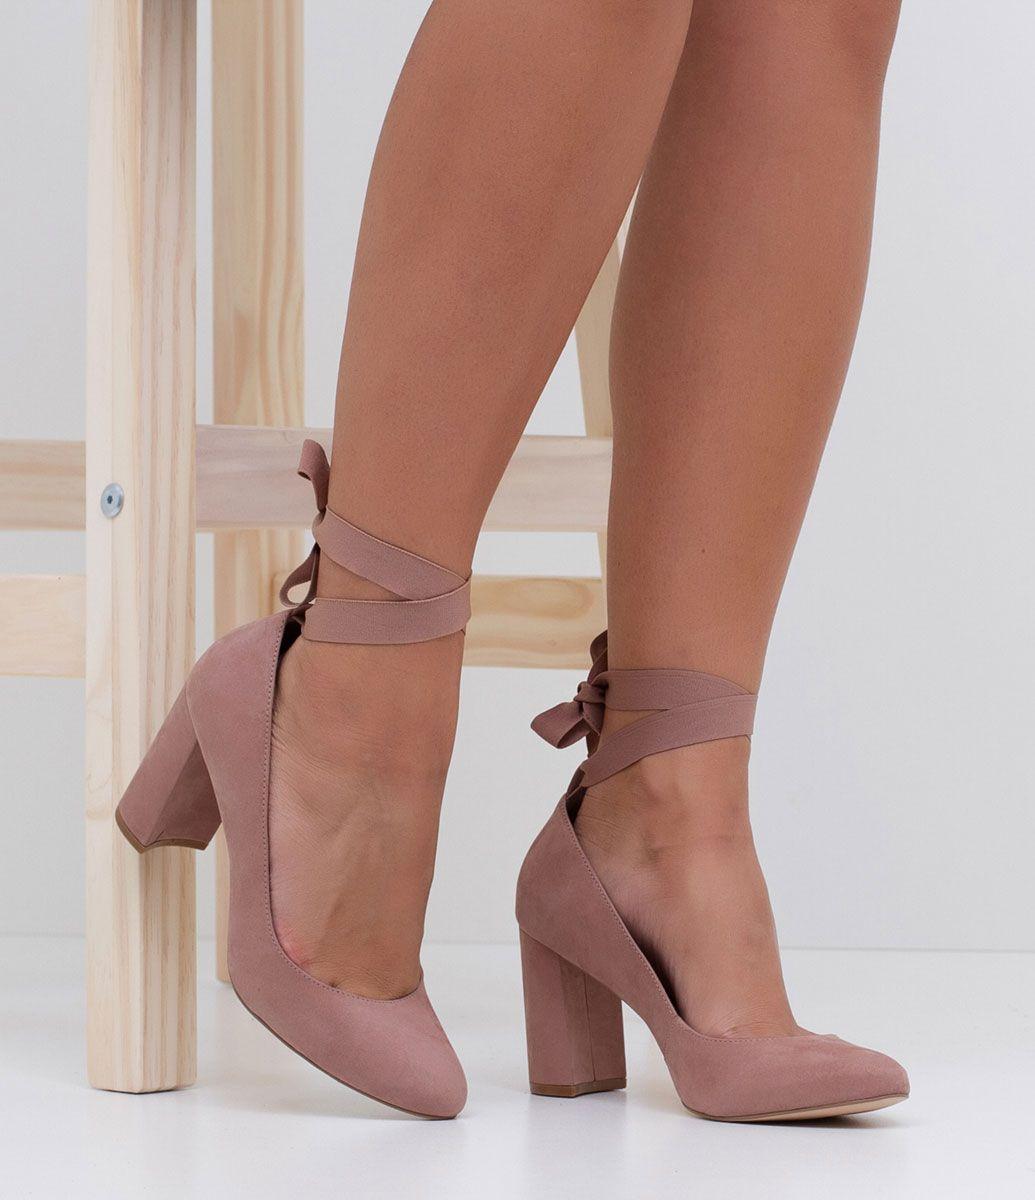 53640e2ab74 Sapato feminino Material  couro Bailarina (com amarração) Marca  Satinato  Salto grosso  8